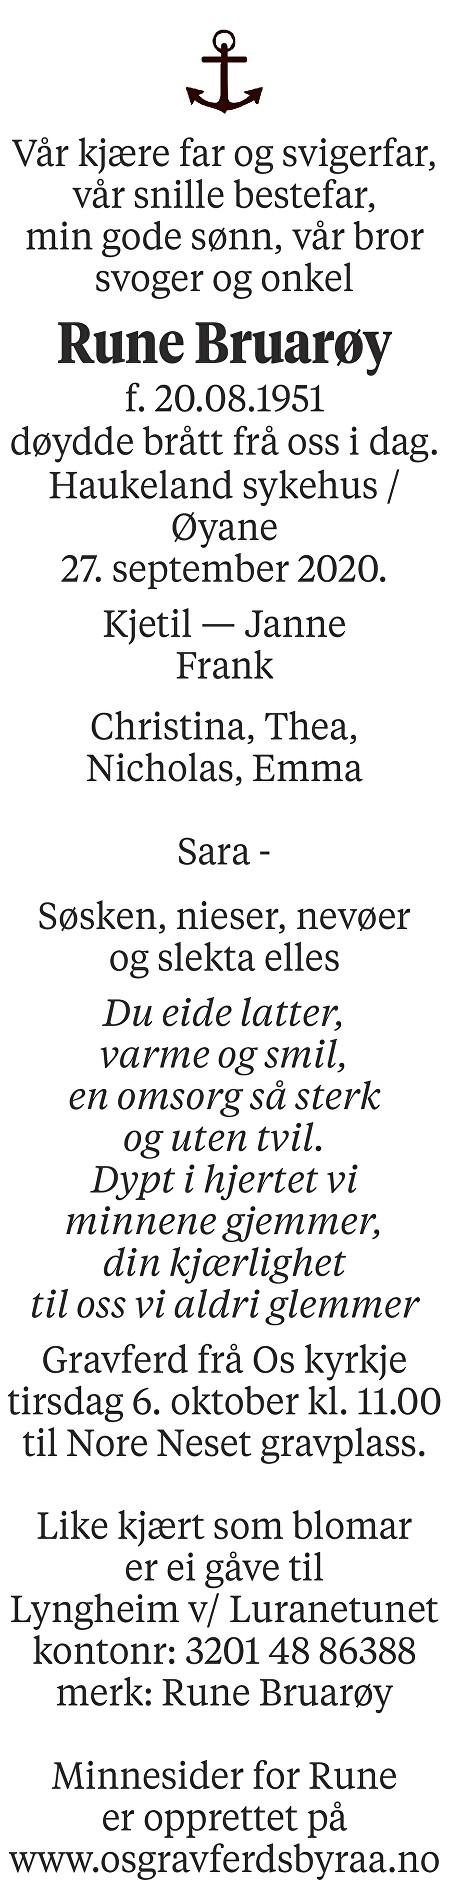 Rune Bruarøy Dødsannonse